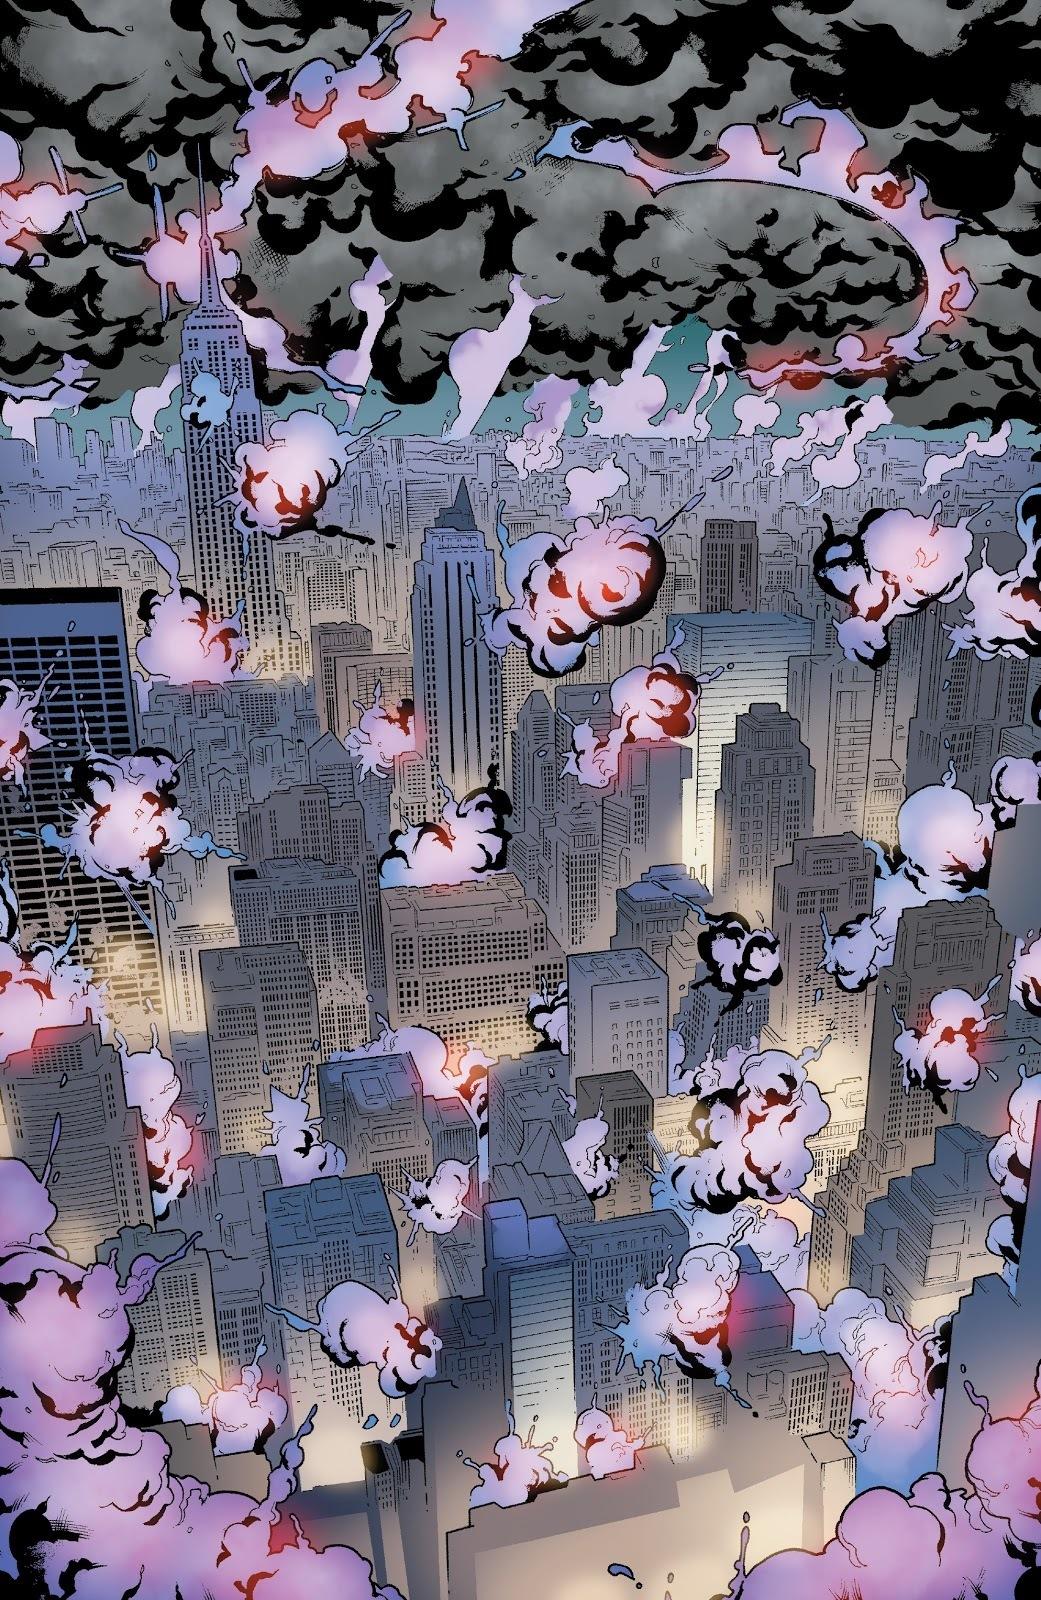 Destrution of the nano sentinels